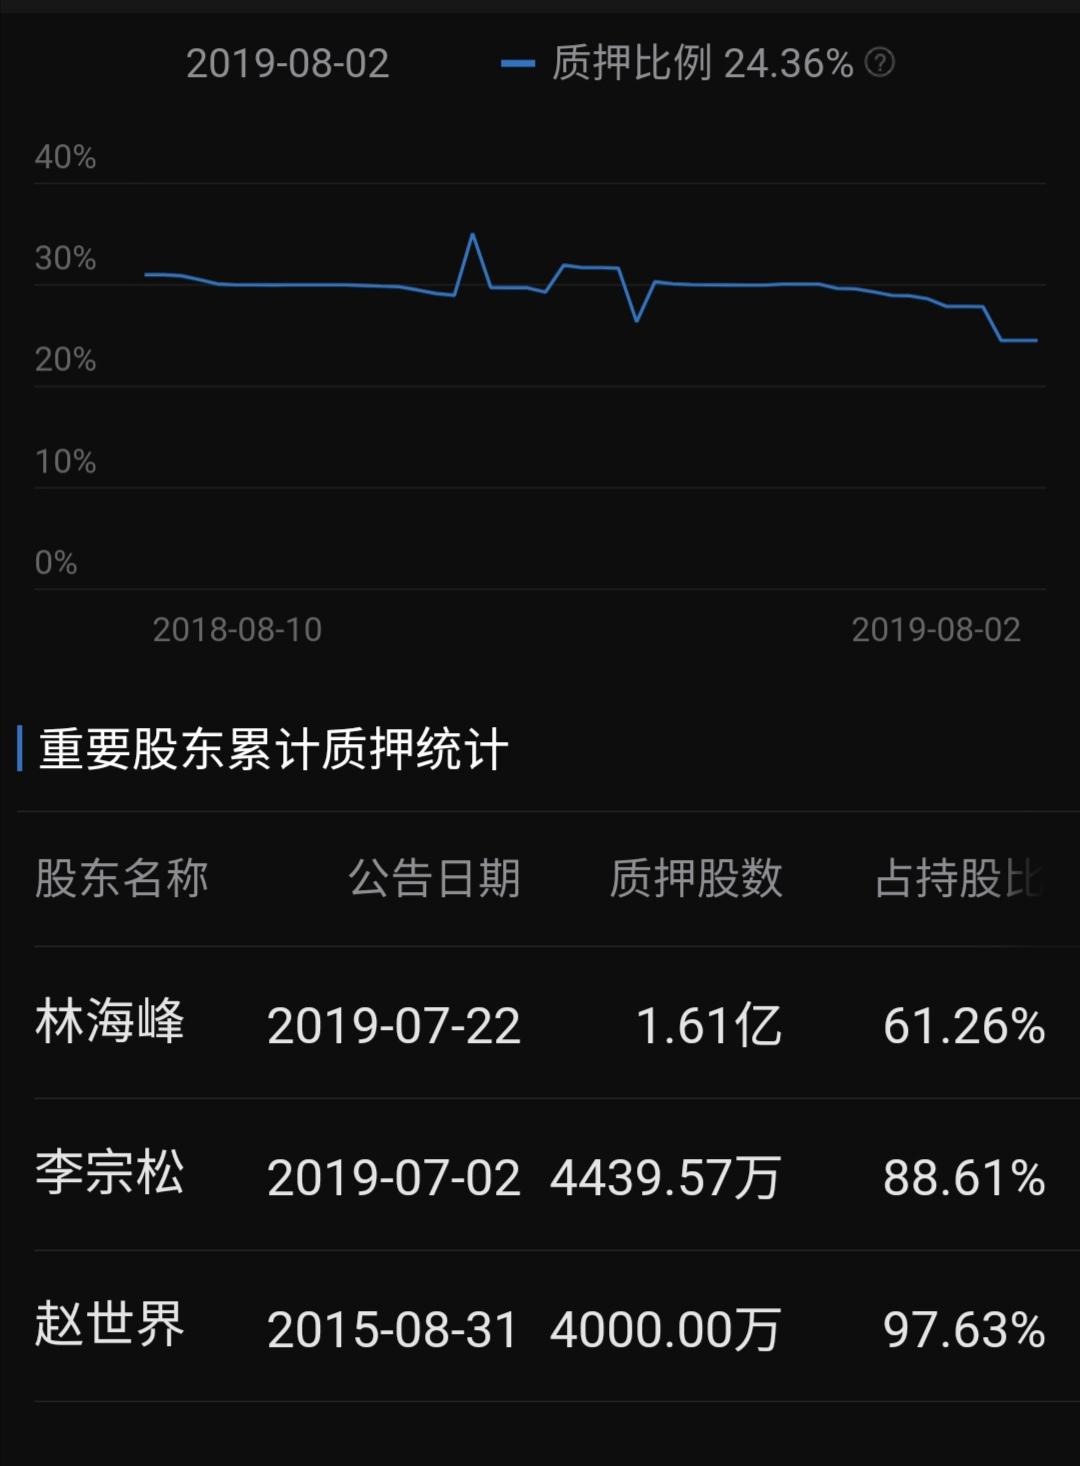 东方日升股权质押情况(数据来源:东方财富choice)